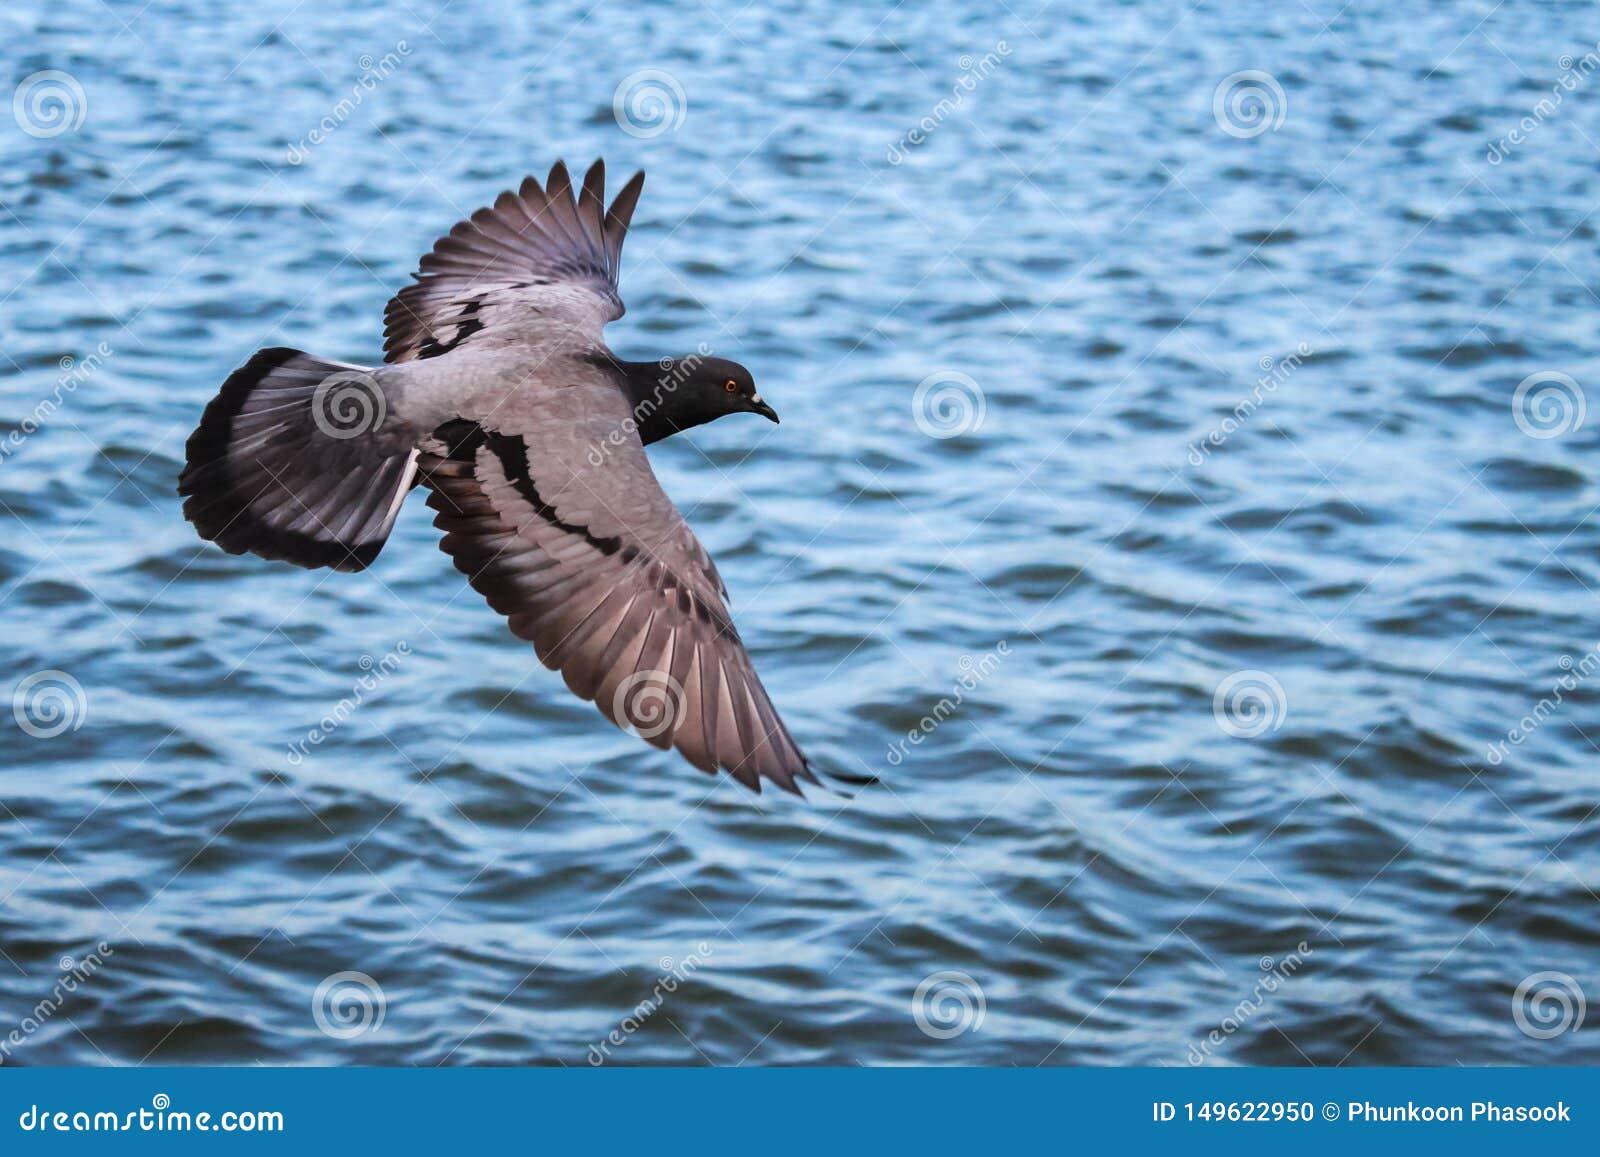 Vuelo de la paloma sobre el agua, con la trayectoria de recortes